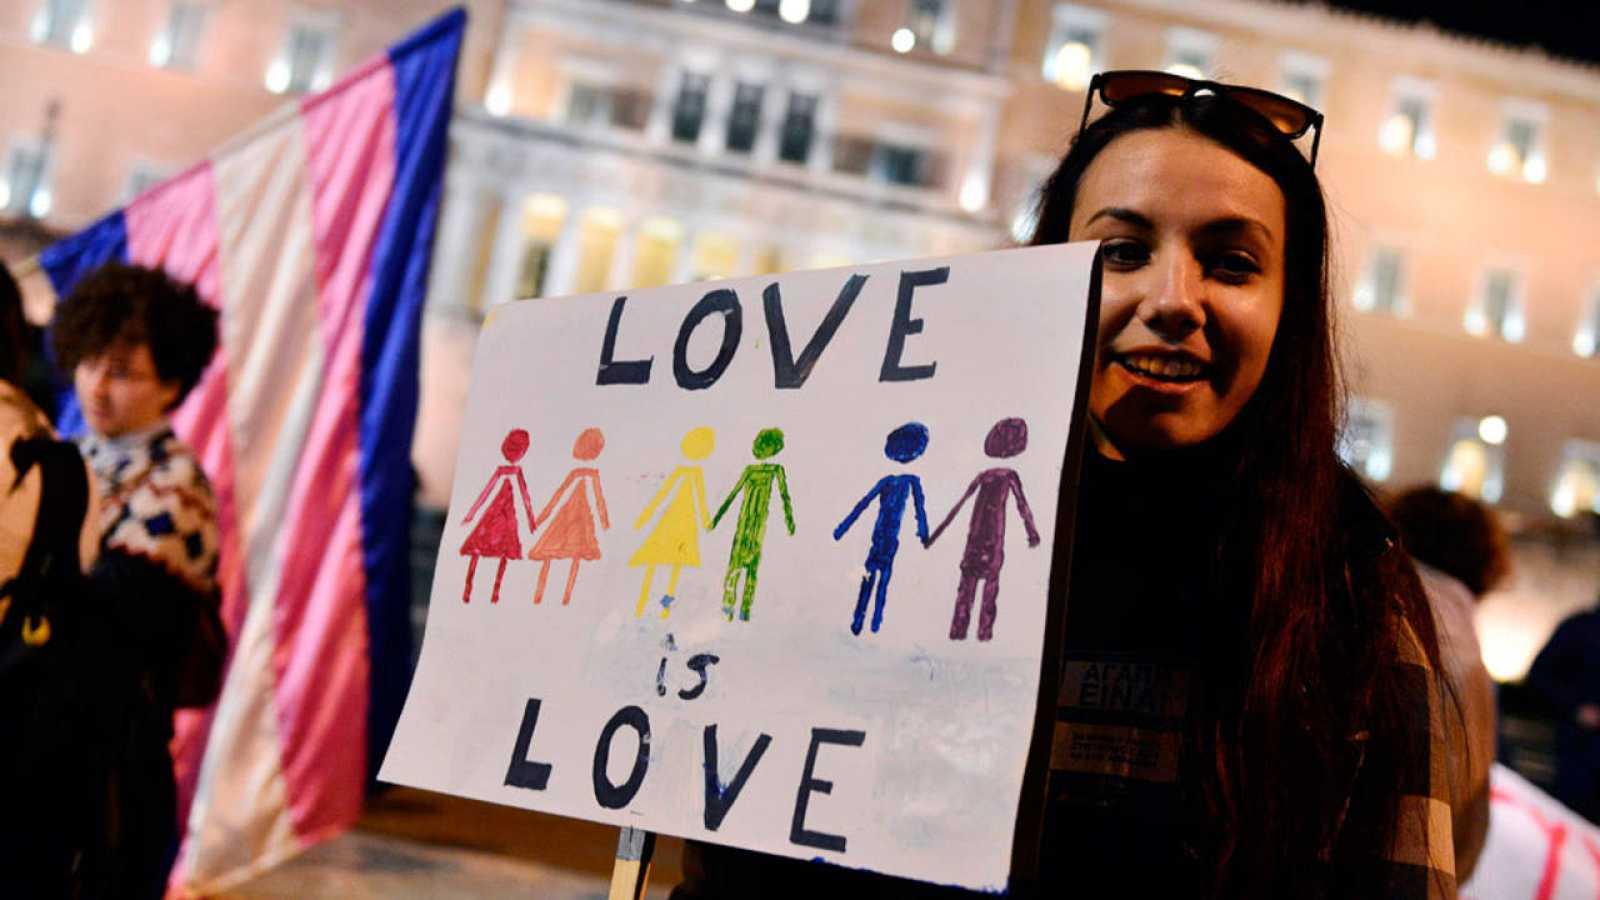 Joven se manifiesta por la unión civil de personas del mismo sexo